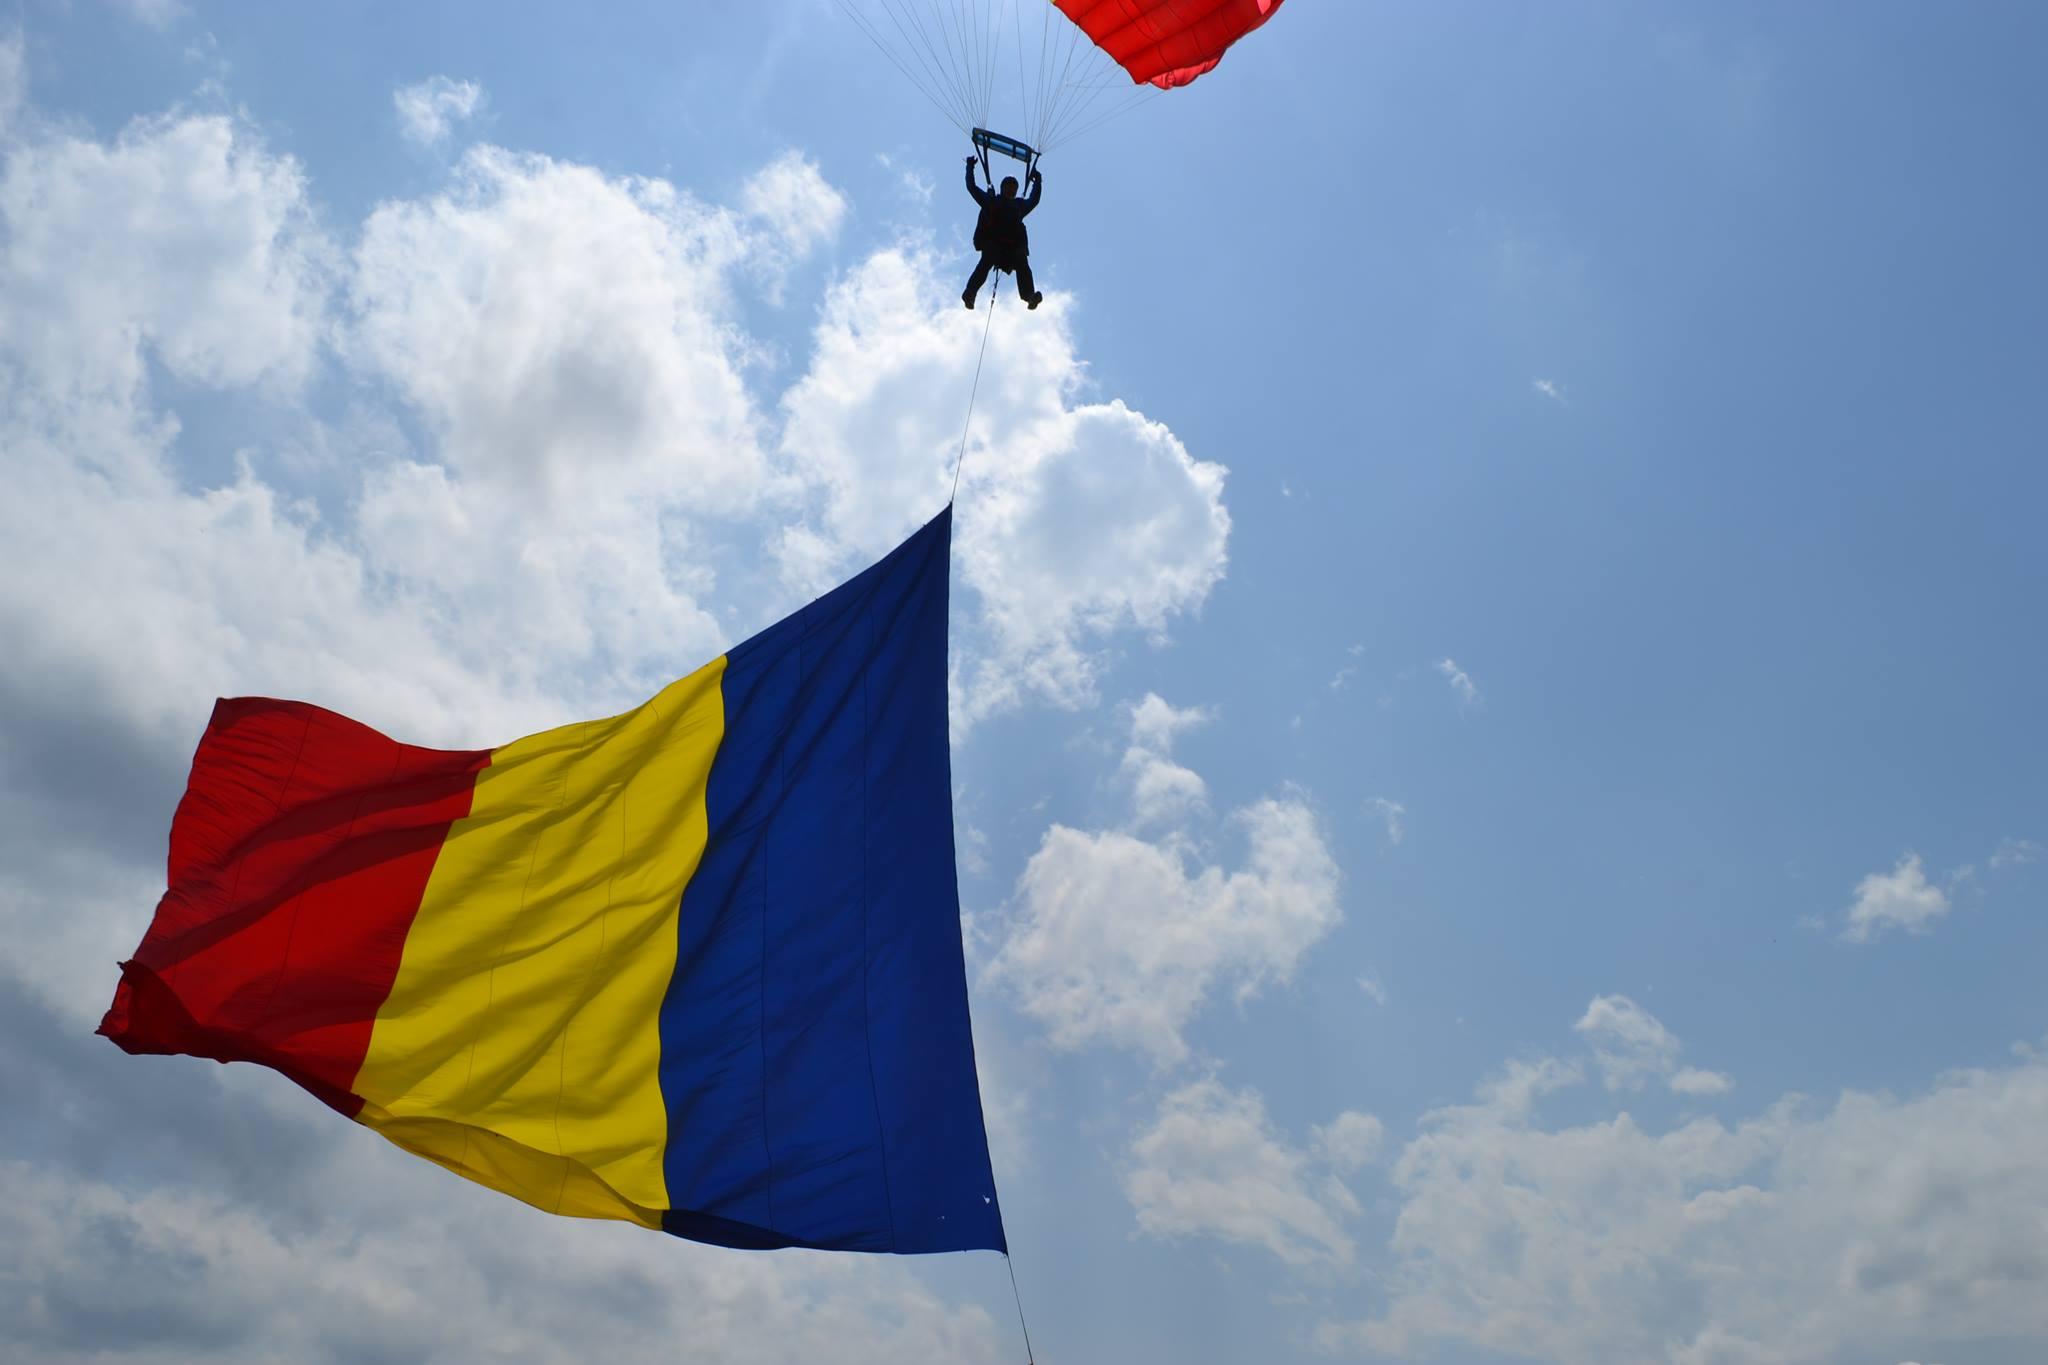 festivalul-aviatic-ghimbav (4)